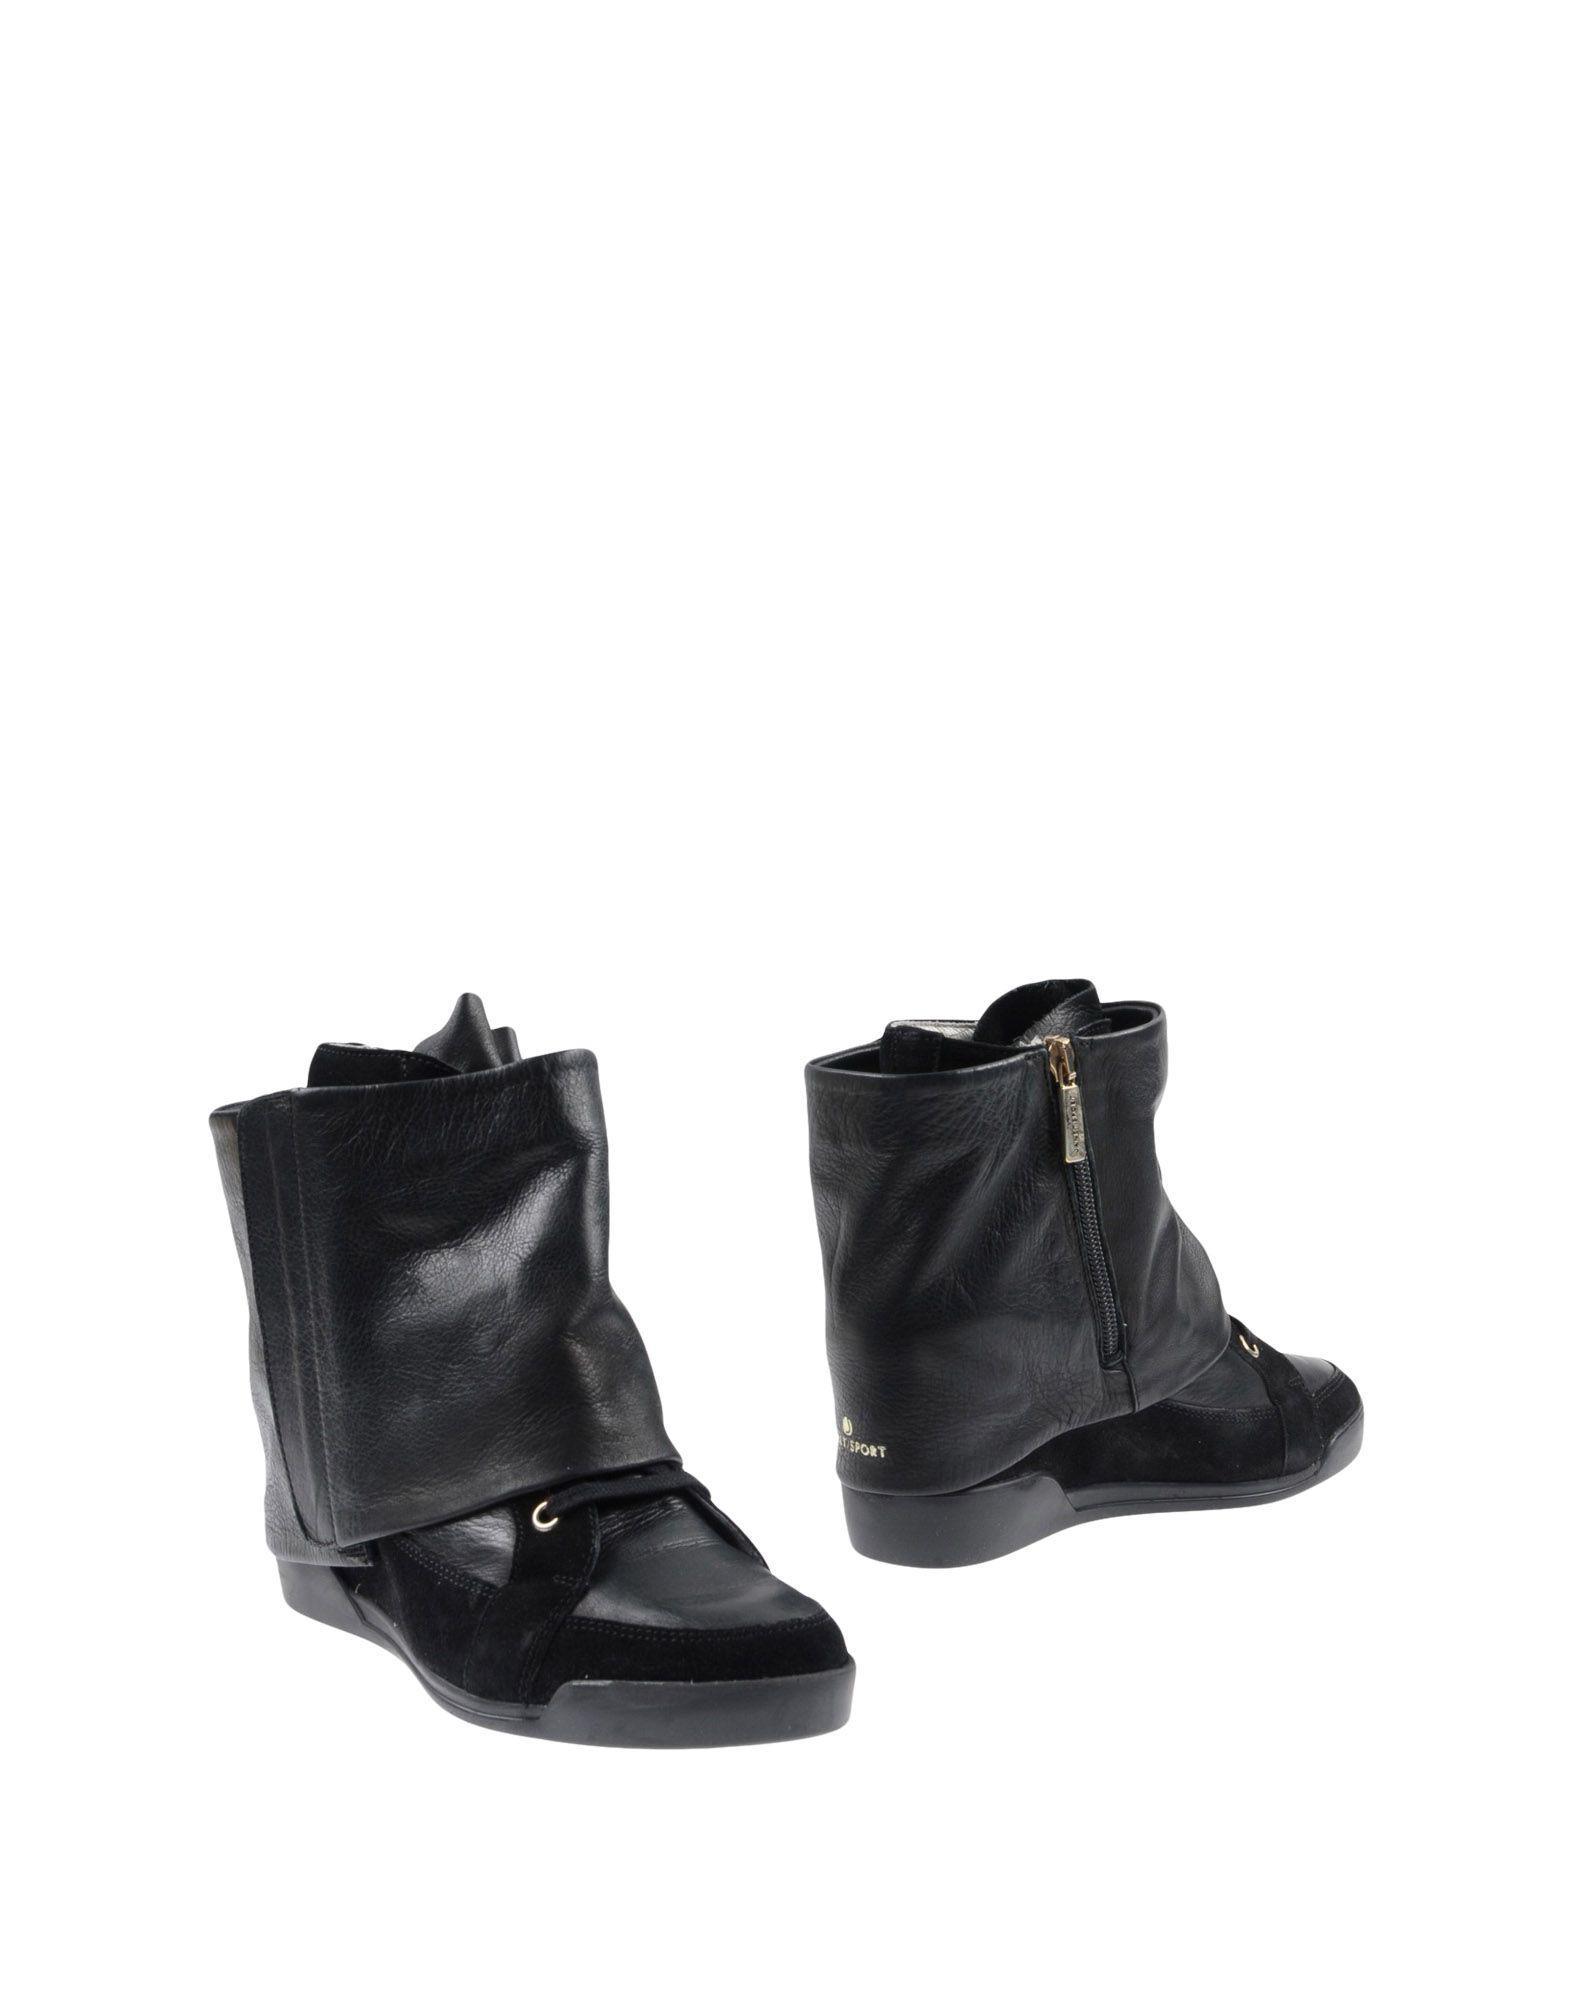 Chaussures - Bottes De Chaussures Et Janet Janet Sortie Avec Ordre Paypal En Ligne Livraison Gratuite Authentique dswc7o